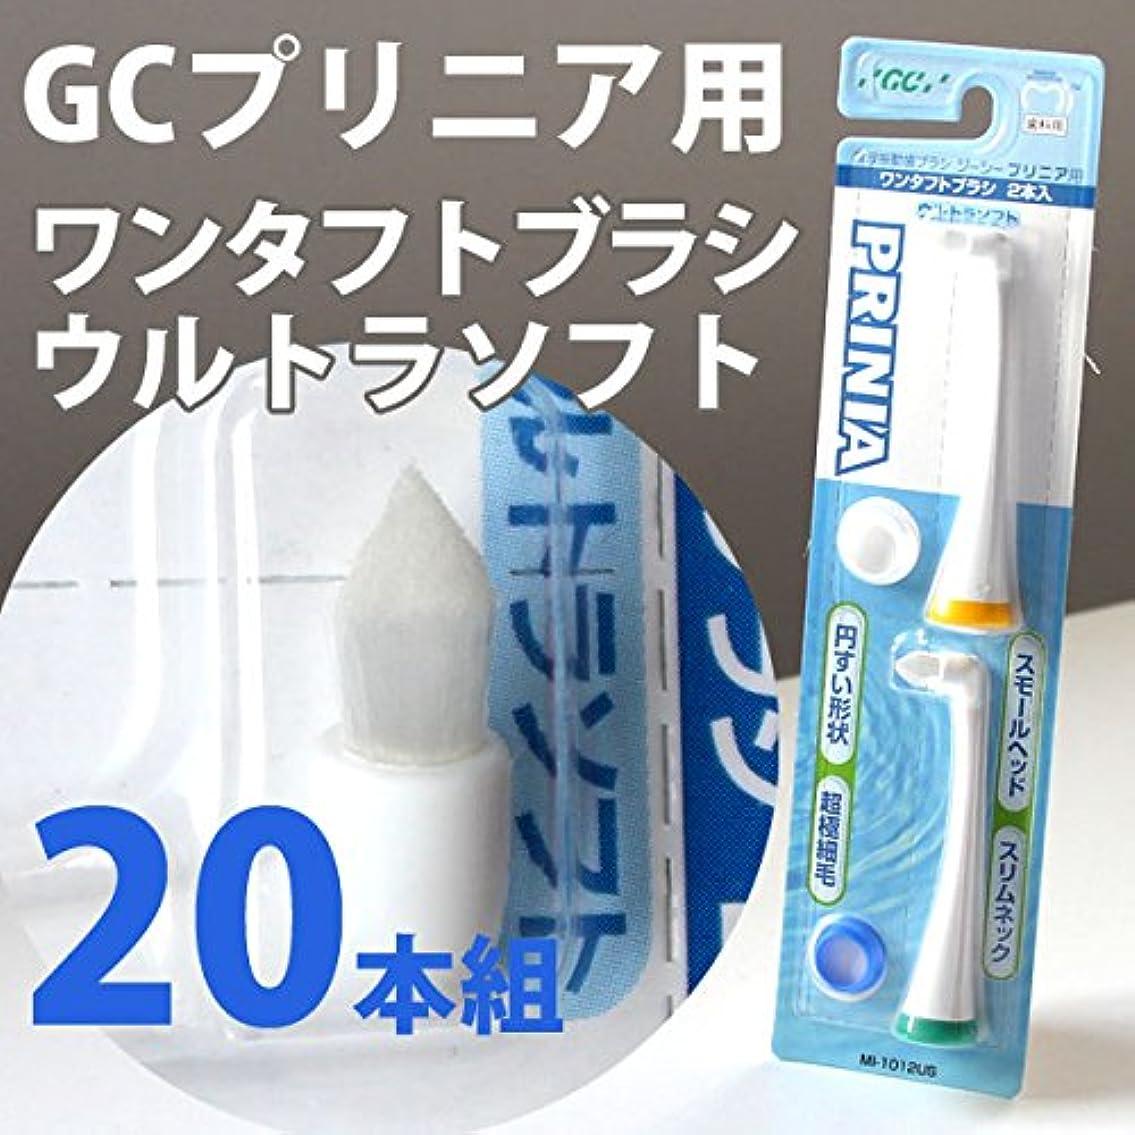 無秩序乳剤くまプリニア ワンタフト GC 音波振動歯ブラシ プリニアスリム 替えブラシ ブラシ(ウルトラソフト) 10セットル便